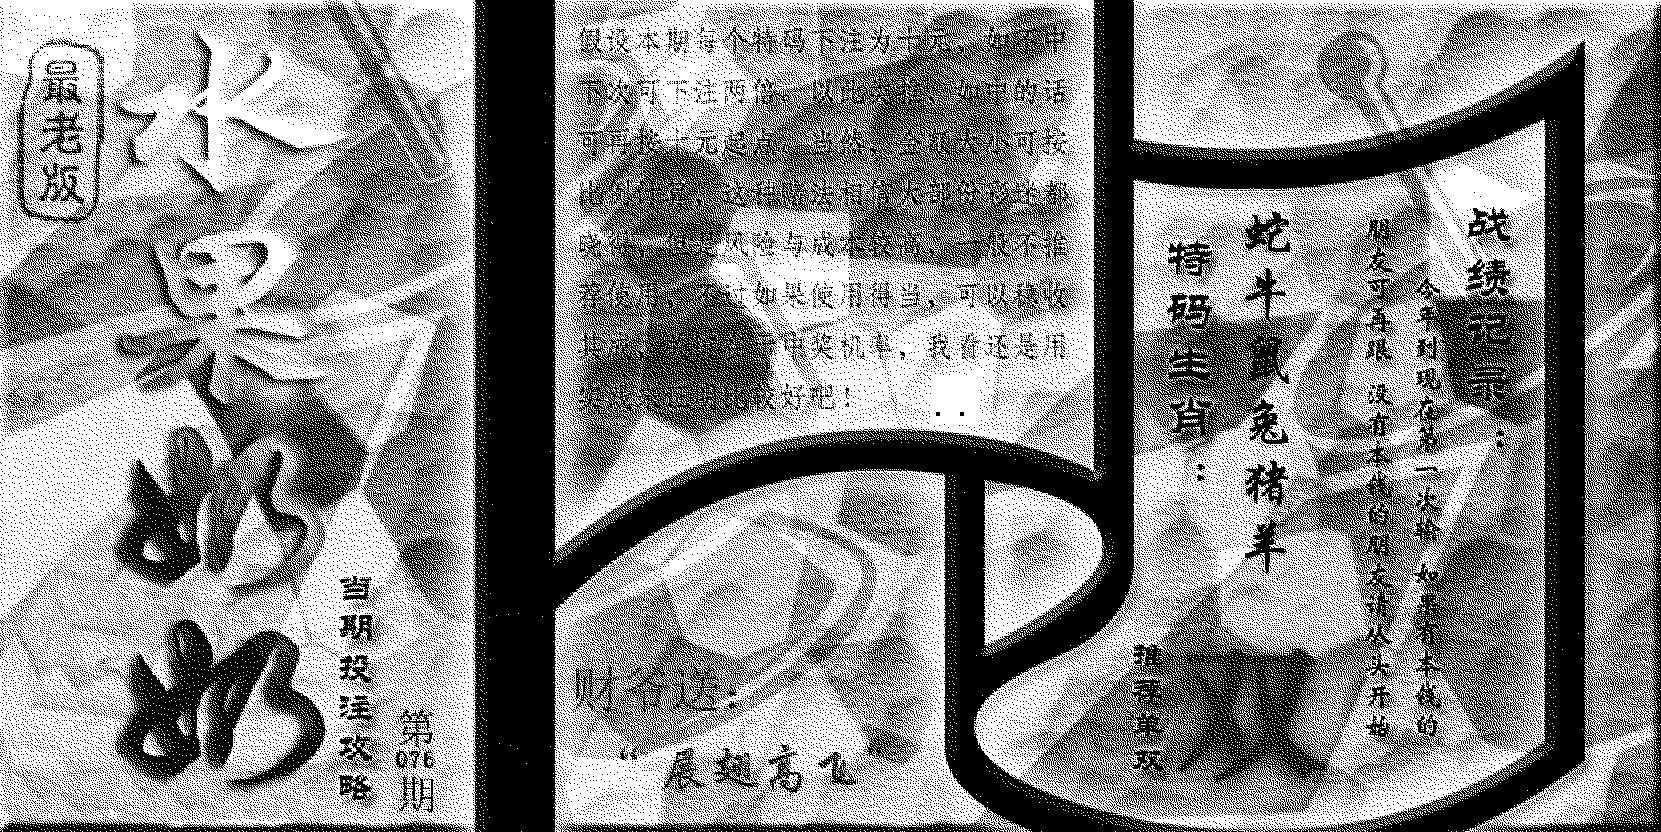 076期(九龙单双攻略)老版(黑白)